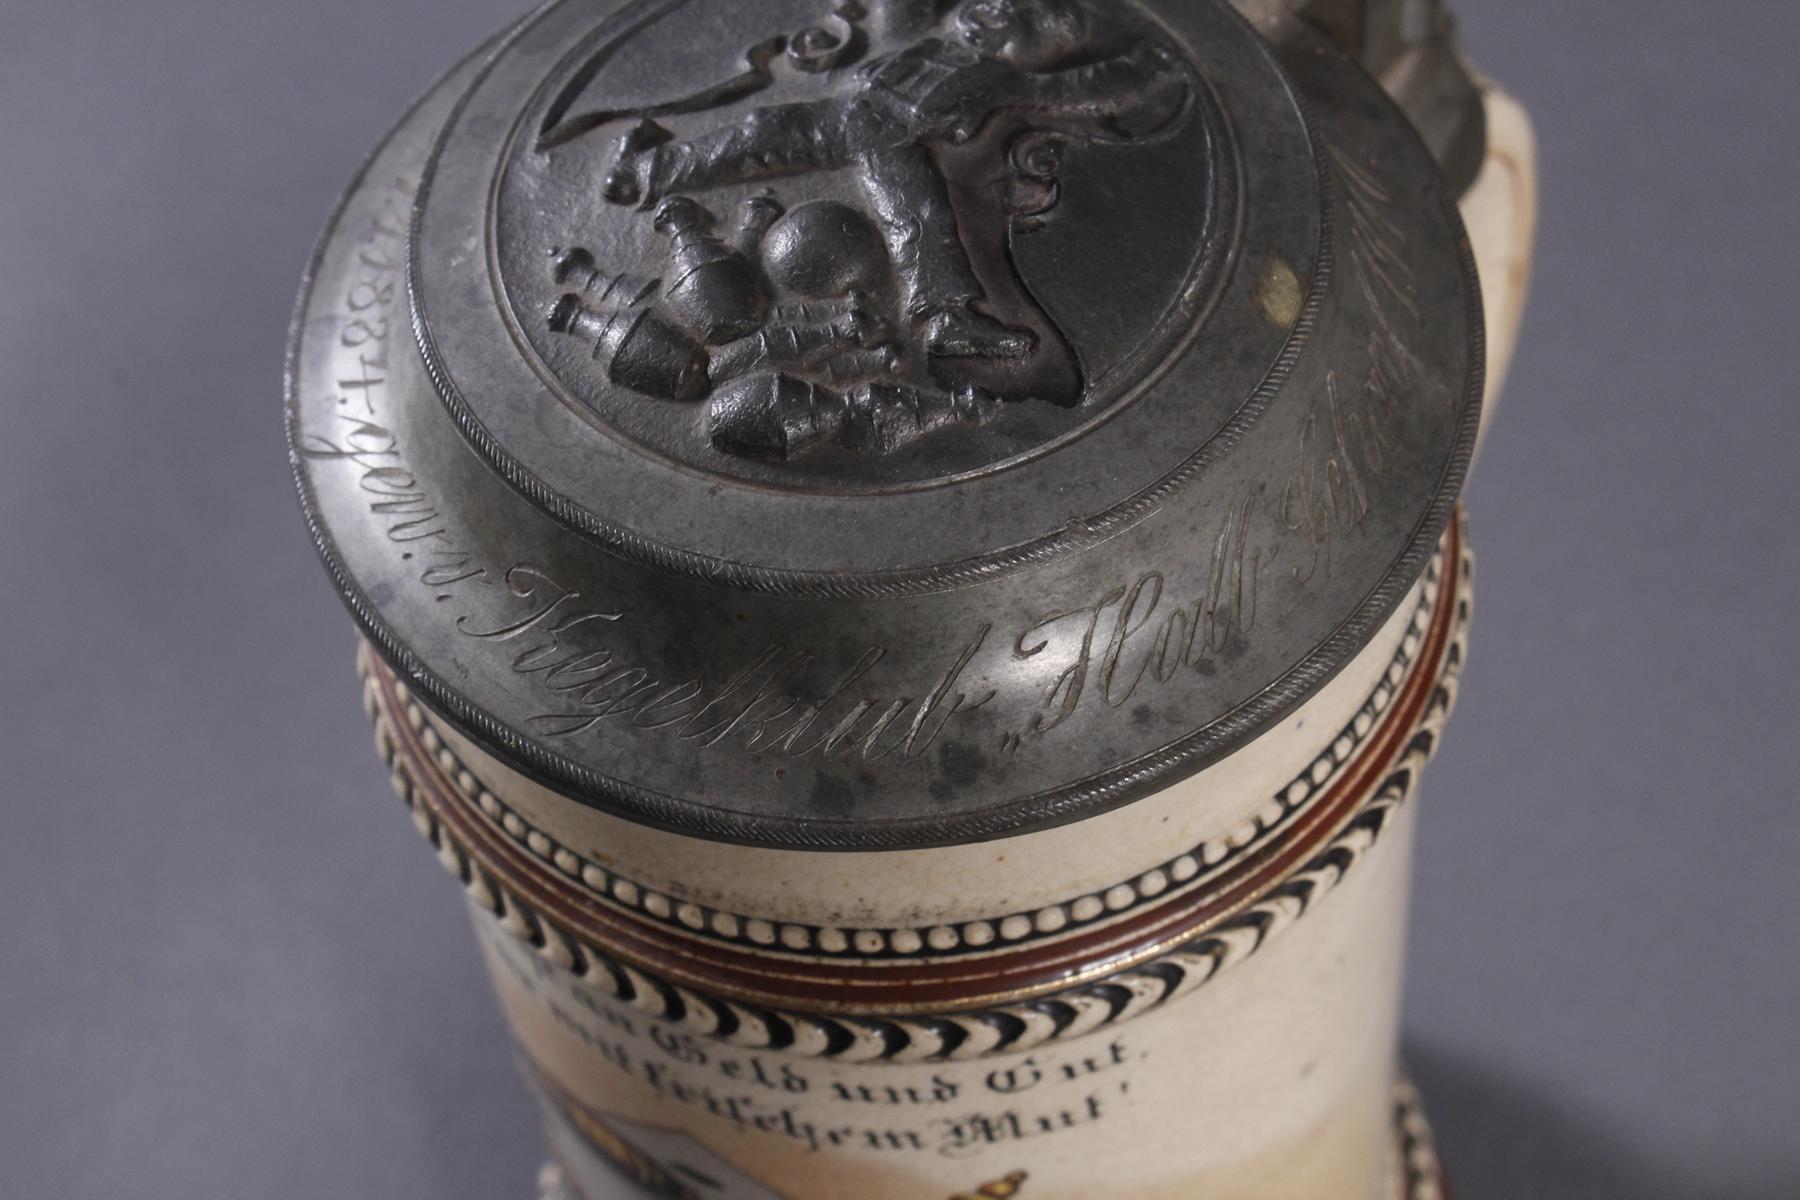 2 Keramikkrüge um 1900, Kegeln und Gewerbeausstellung-6